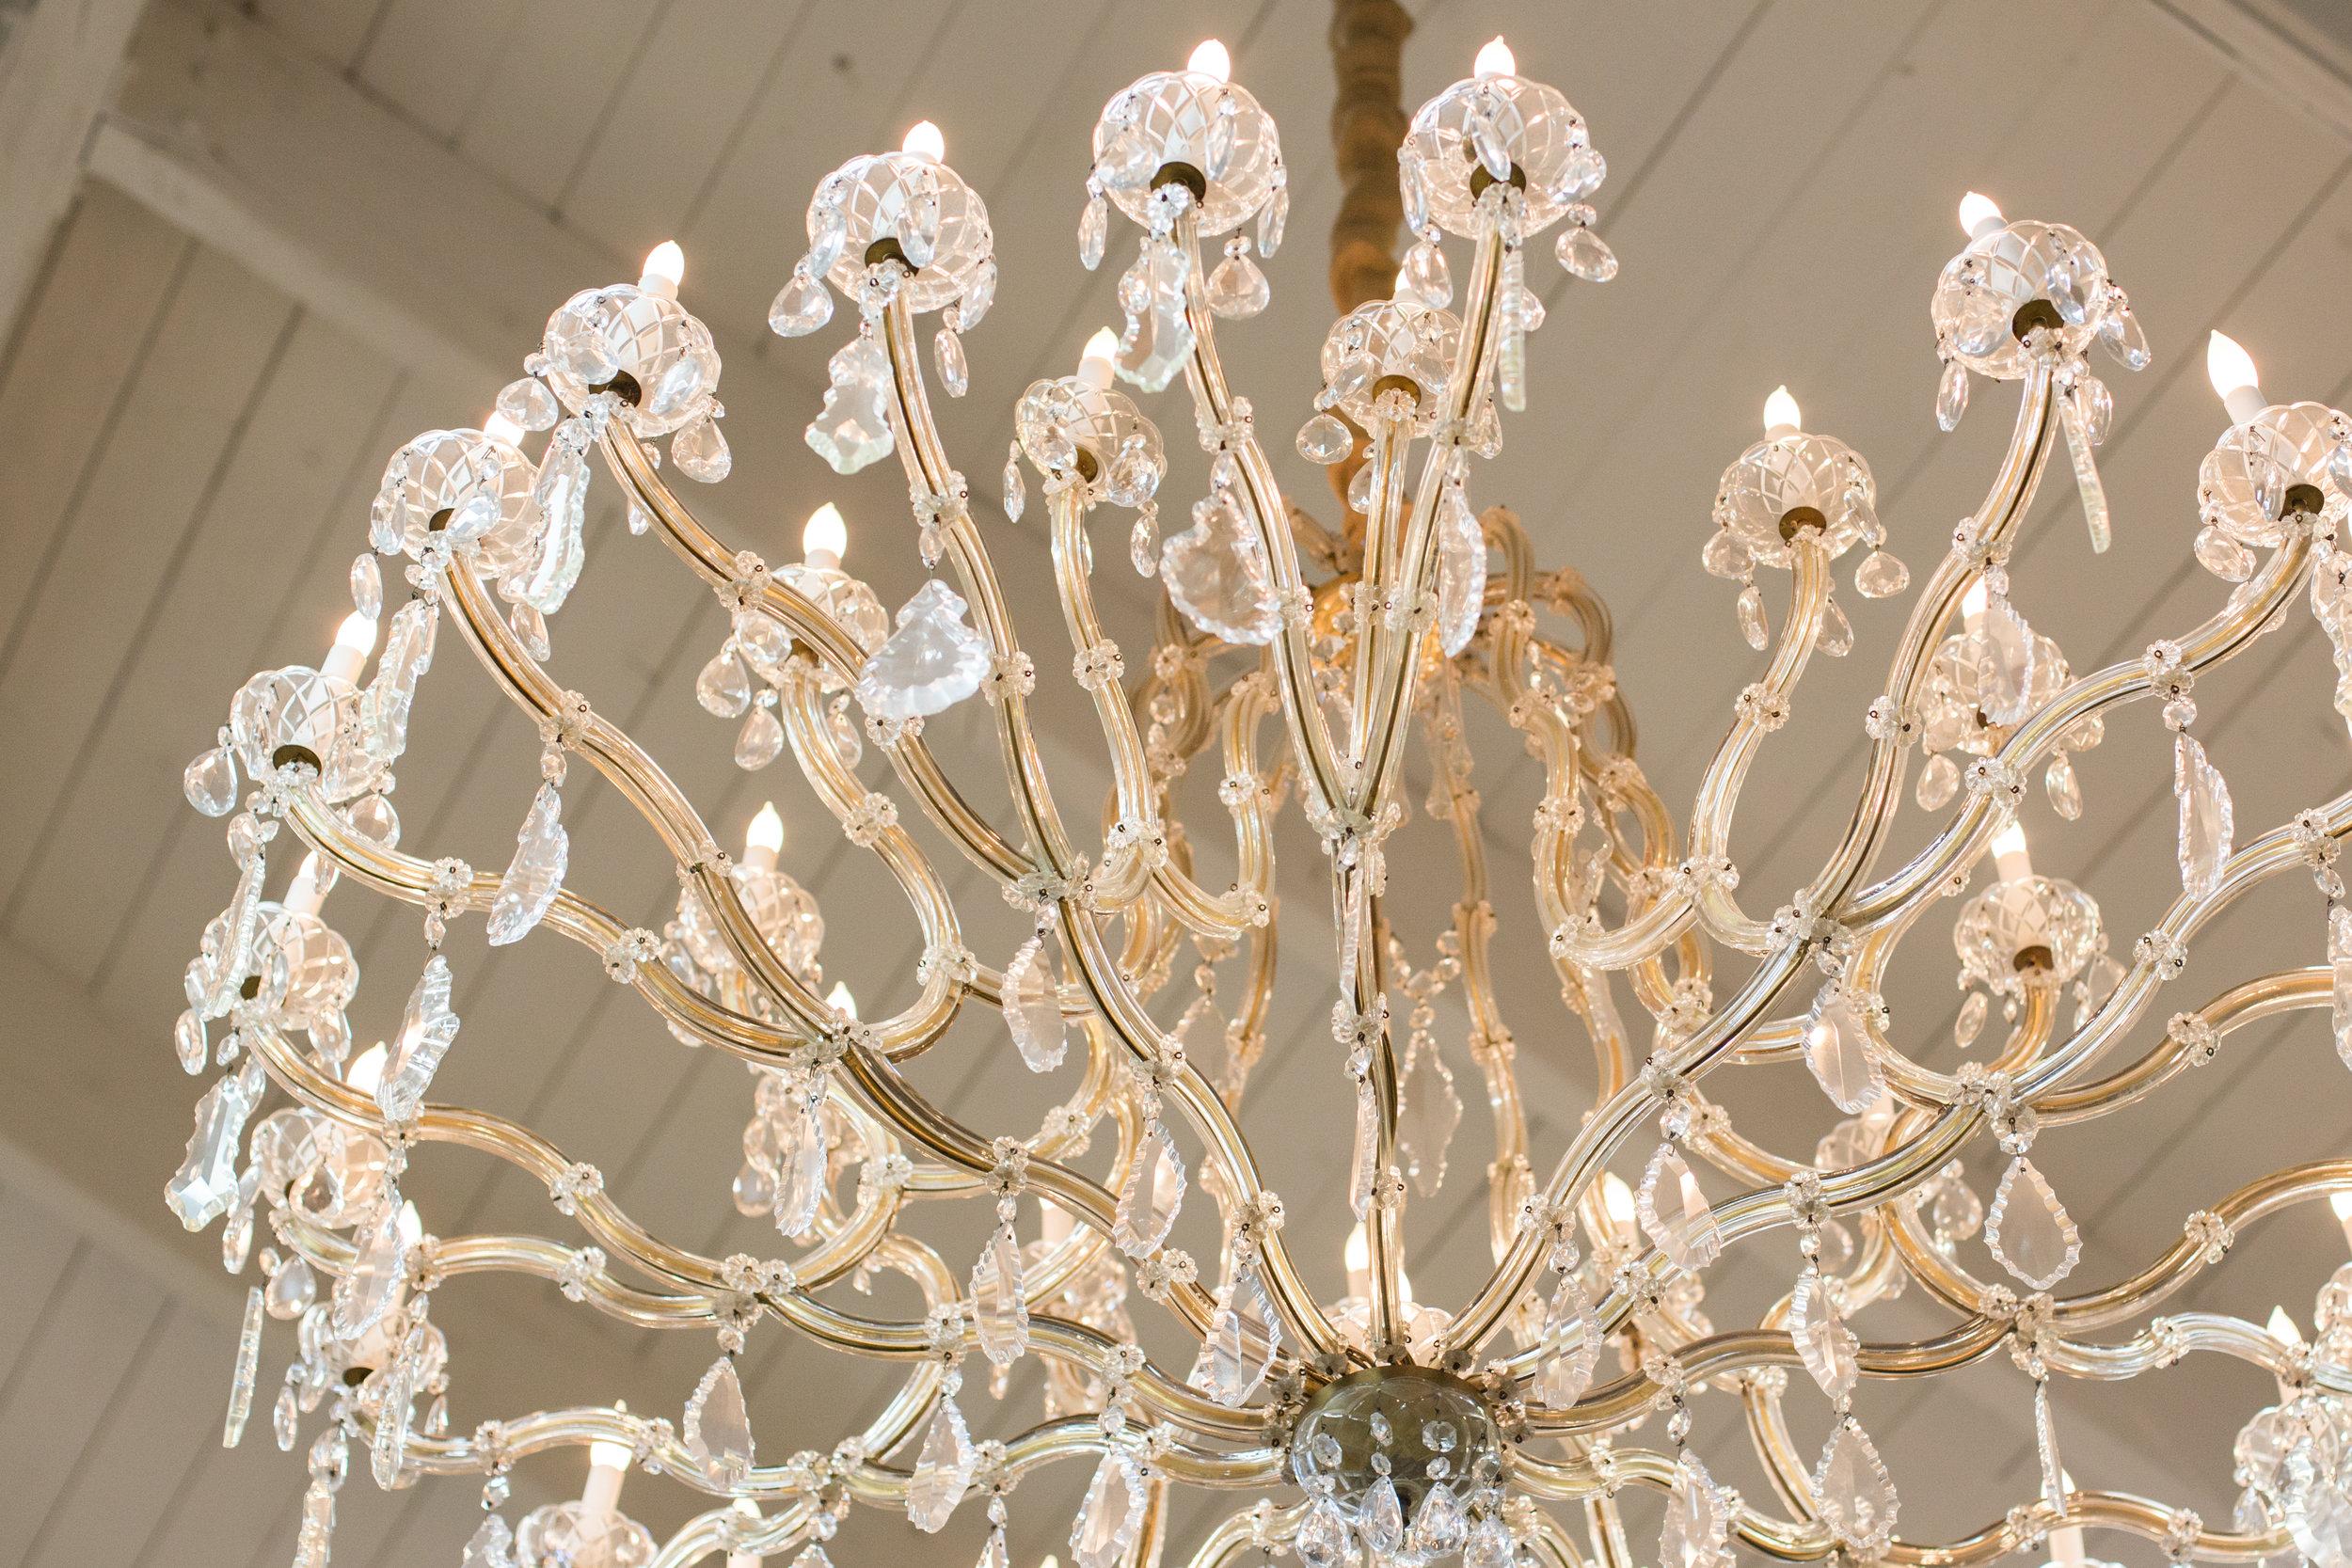 Exquisite crystal chandelier